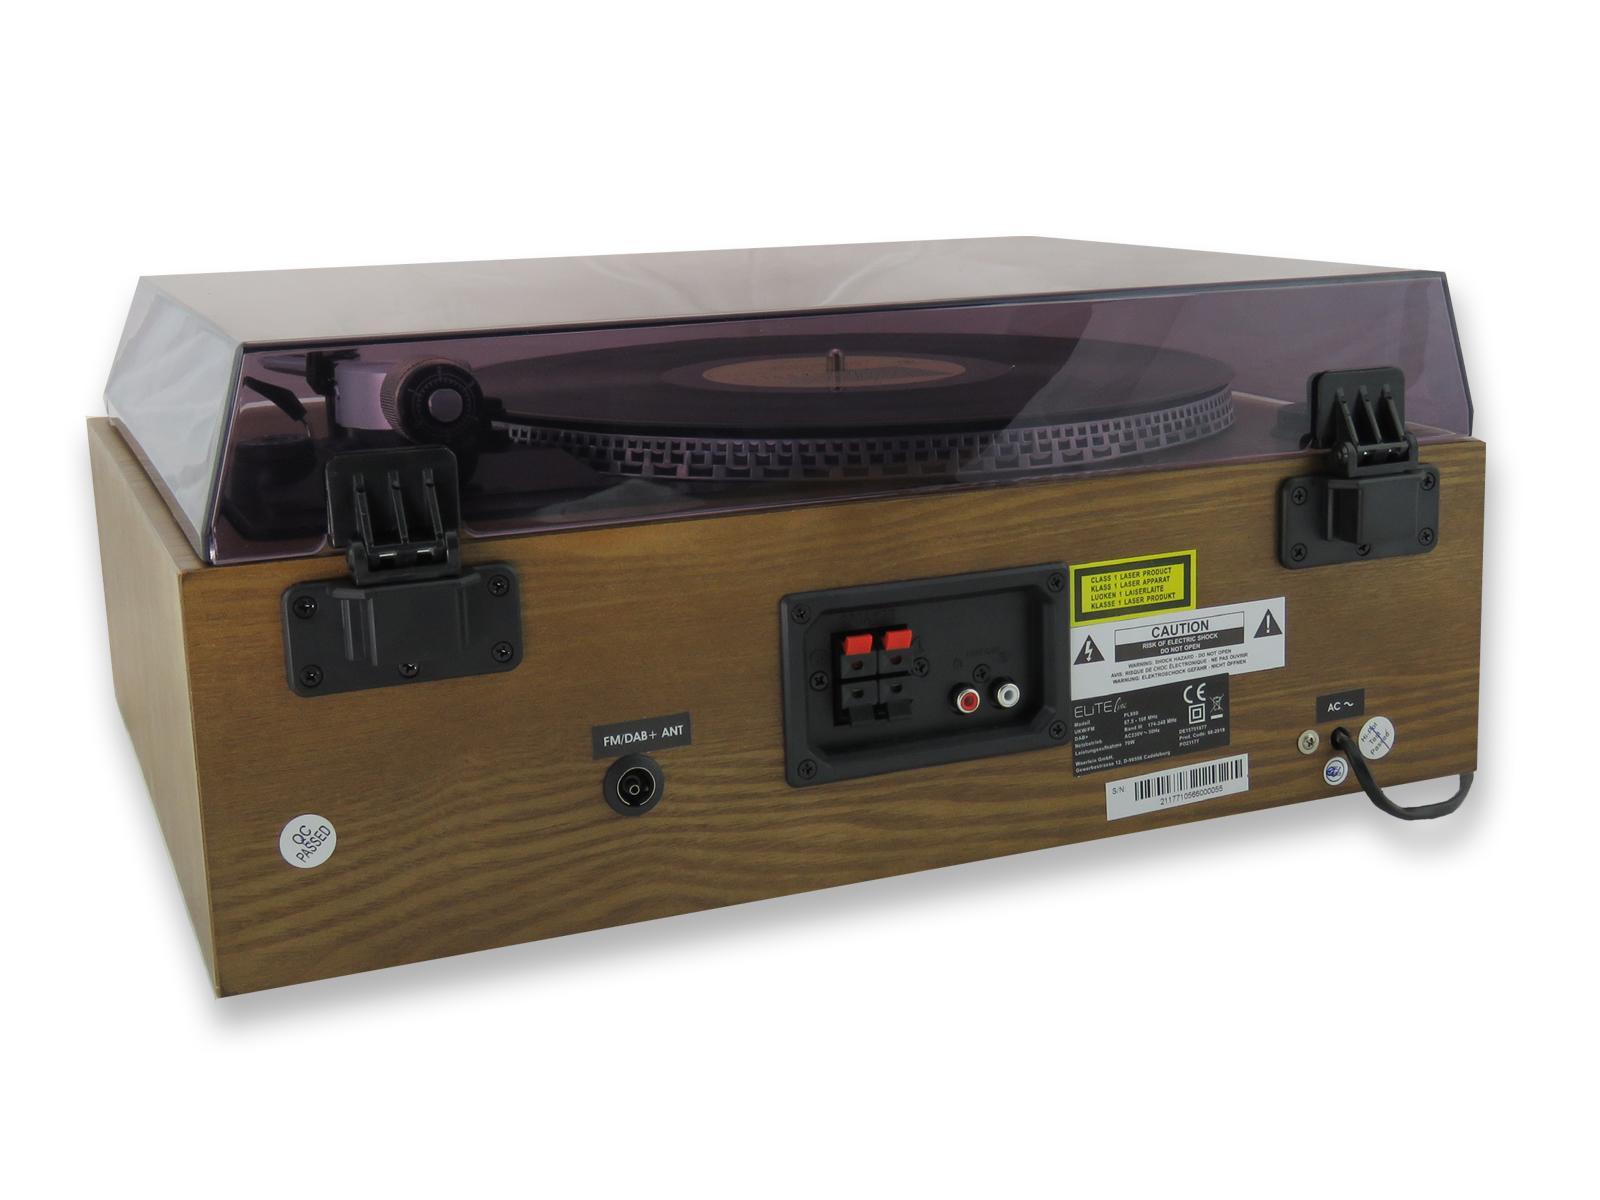 Buy Soundmaster Pl880 Bluetooth Dab Radio Cd Amp Turntable